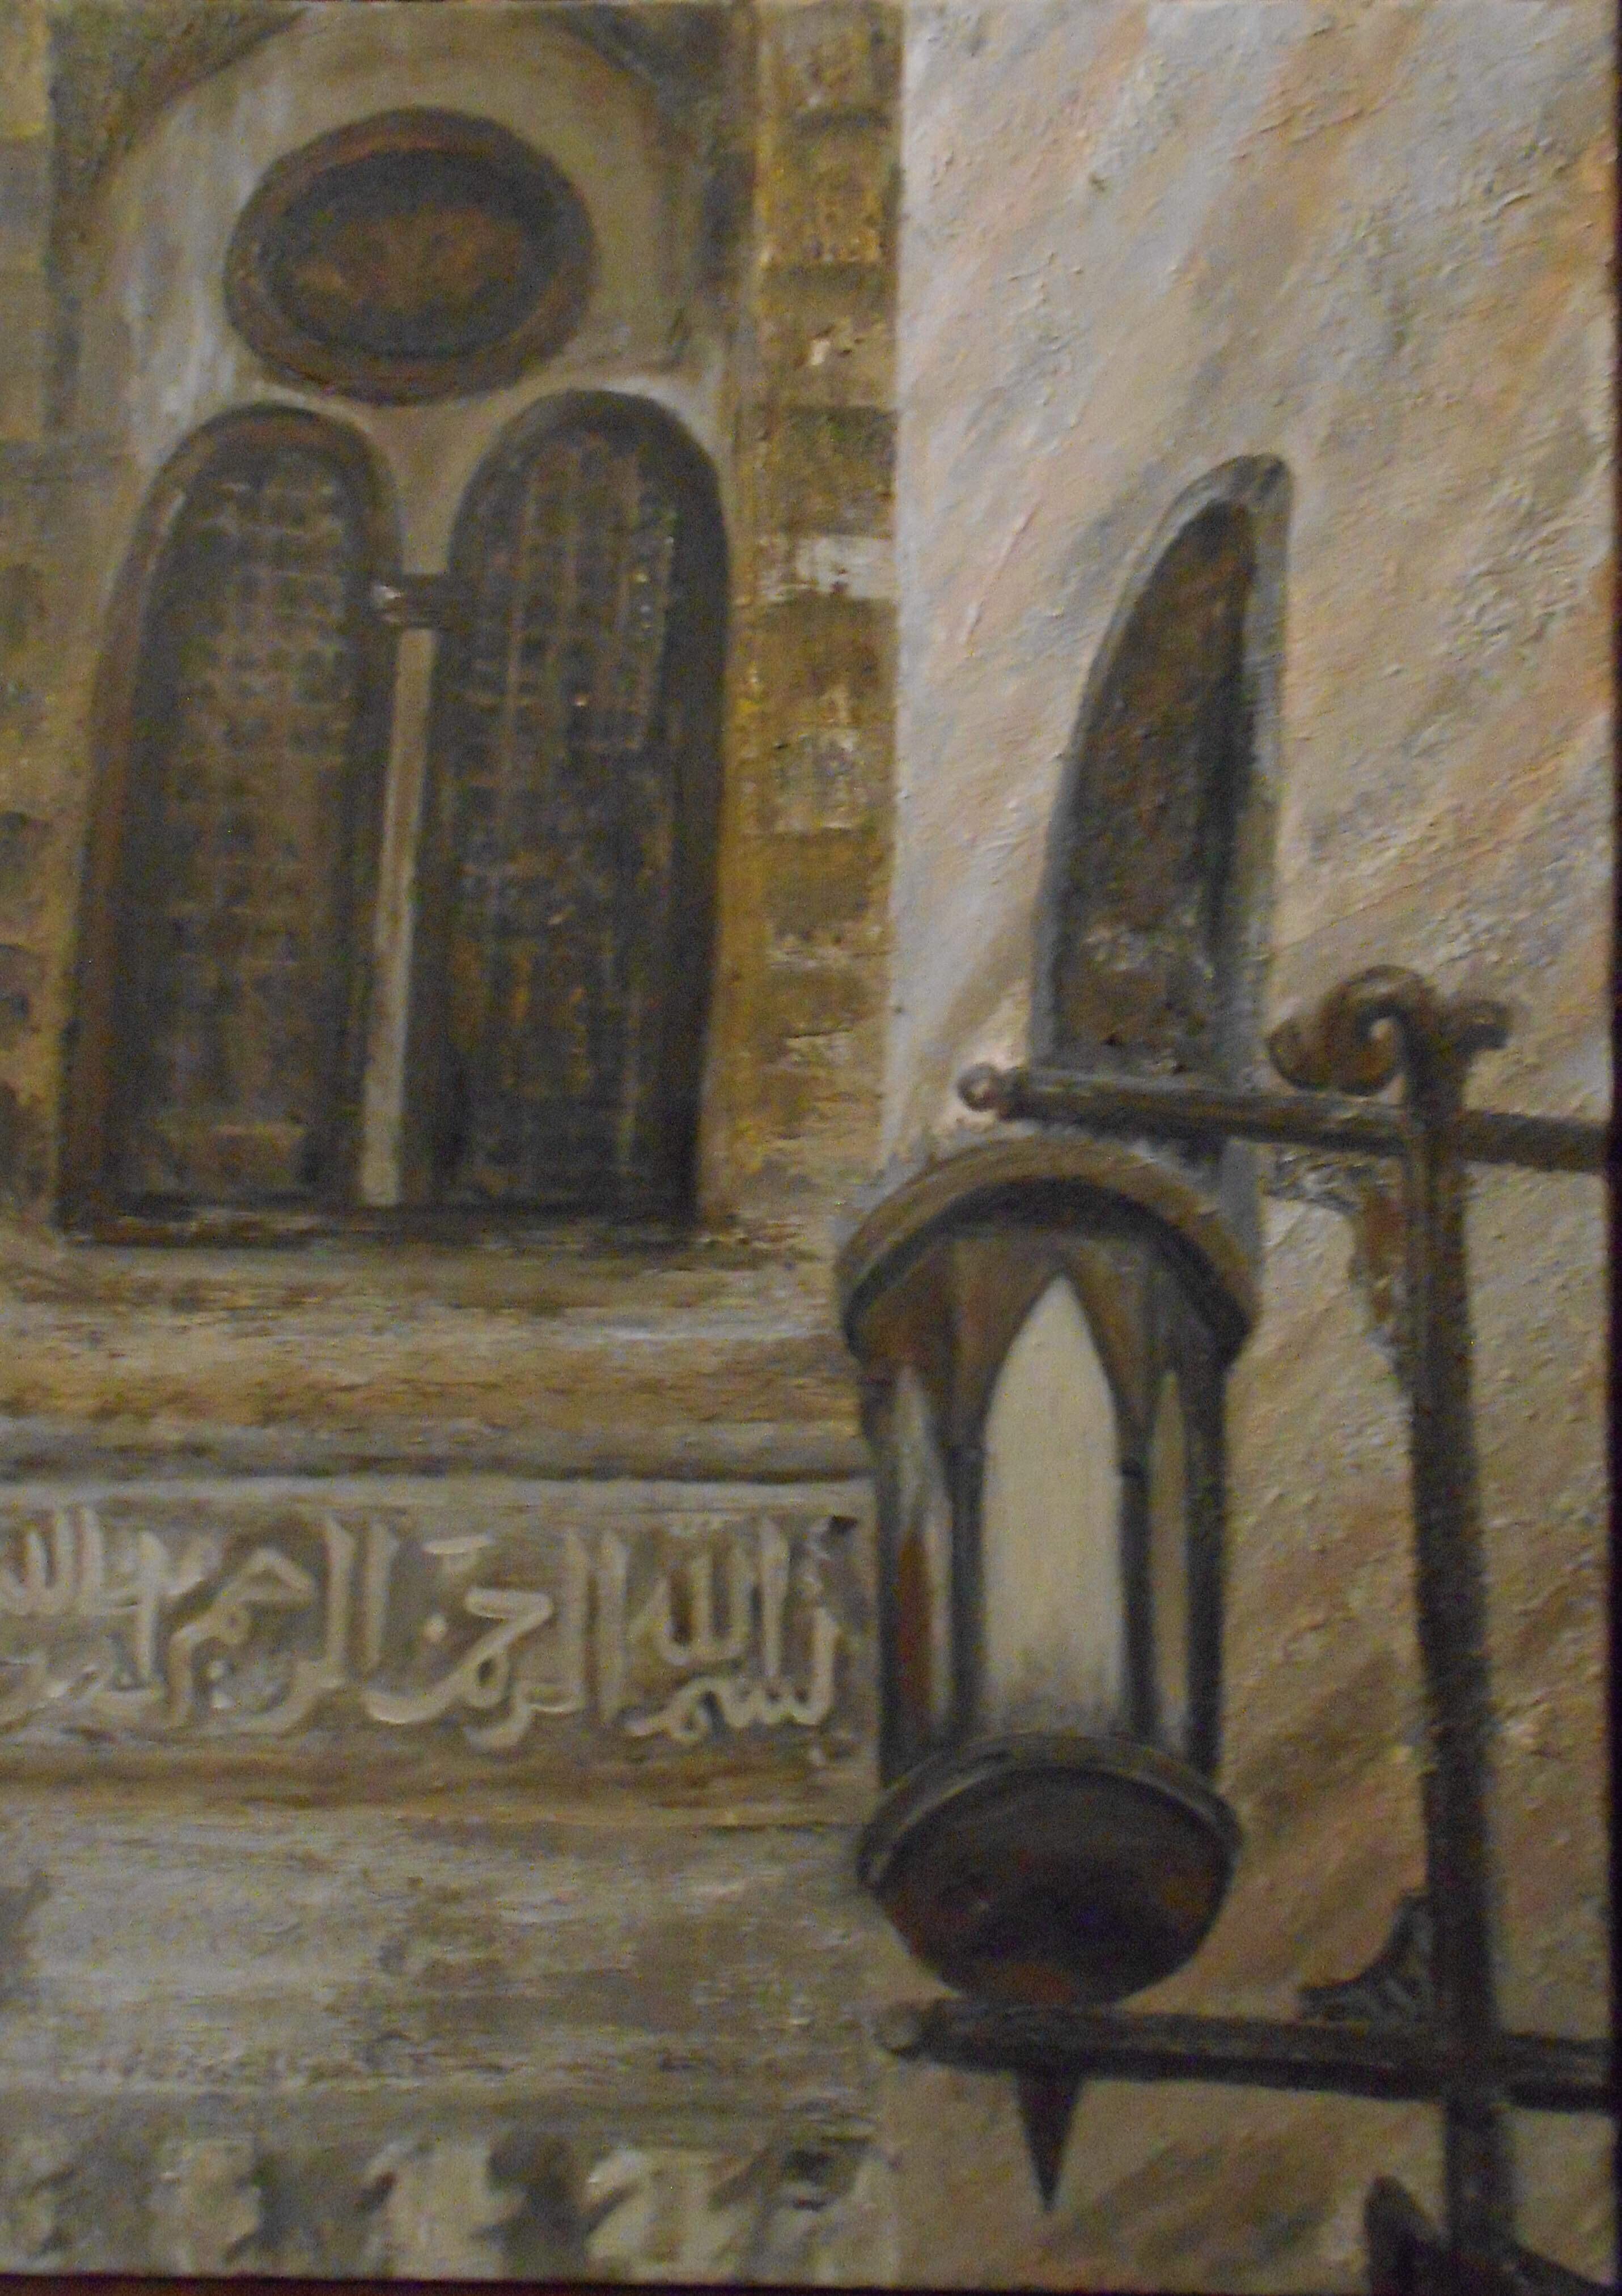 Mashrabeya  artwork by Sherine Balbaa - art listed for sale on Artplode